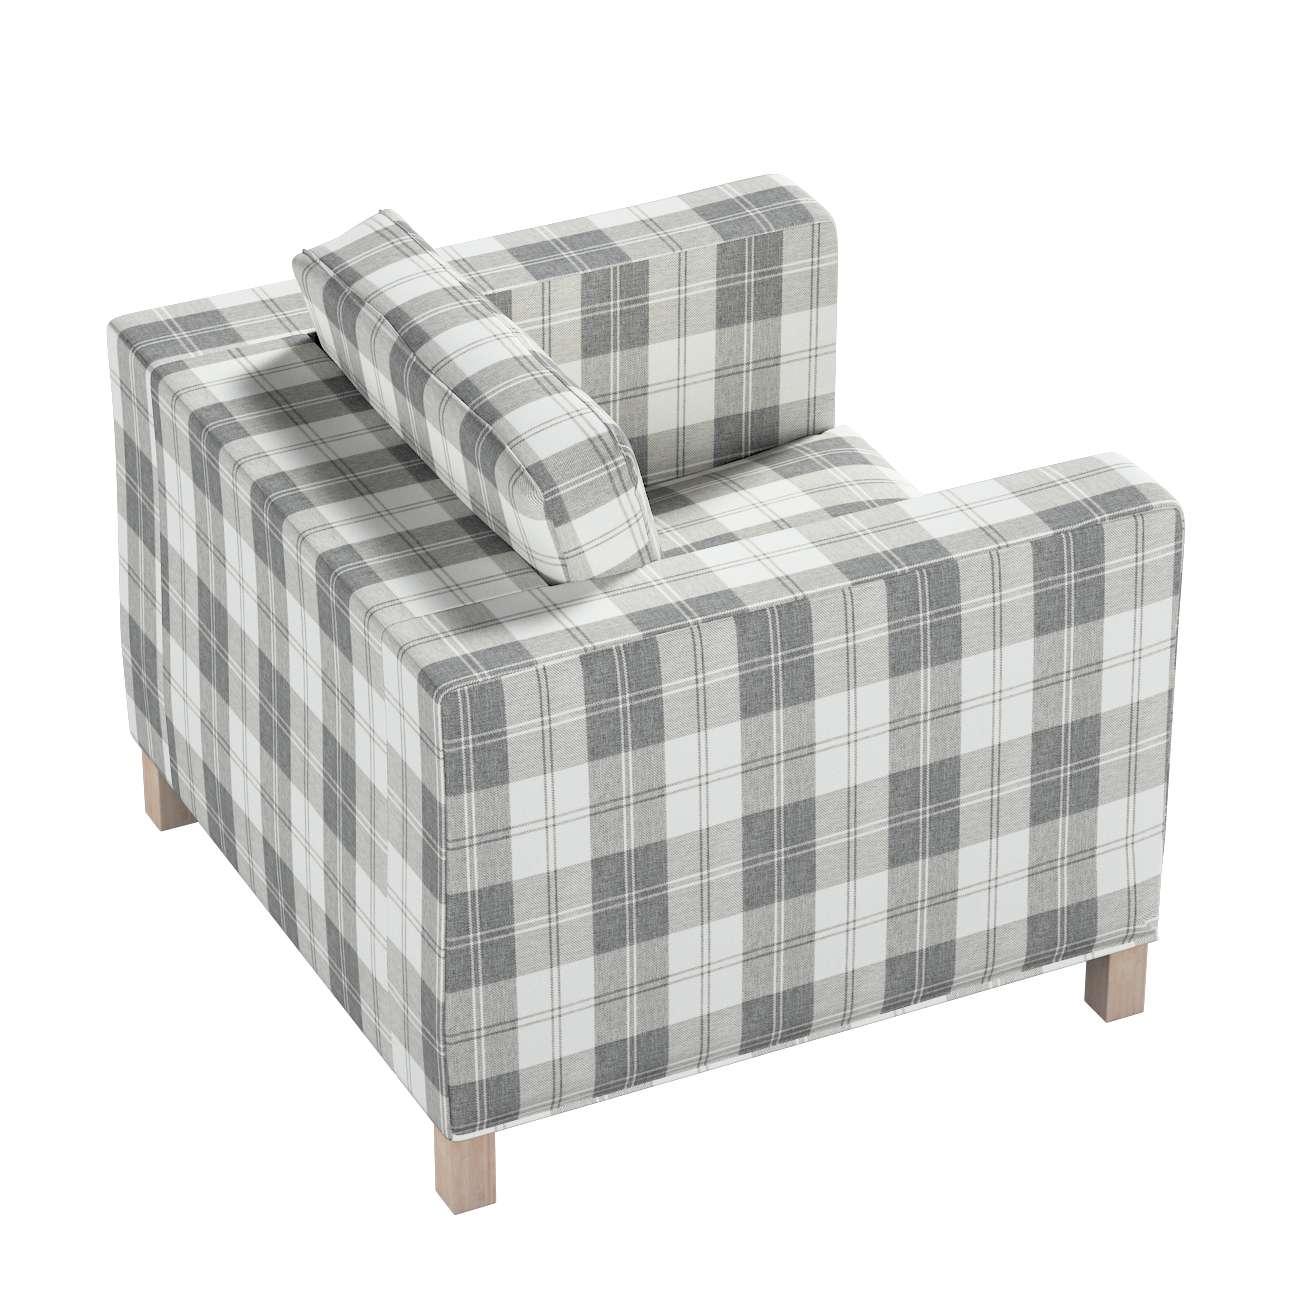 Karlanda päällinen nojatuoli, lyhyt mallistosta Edinburgh, Kangas: 115-79